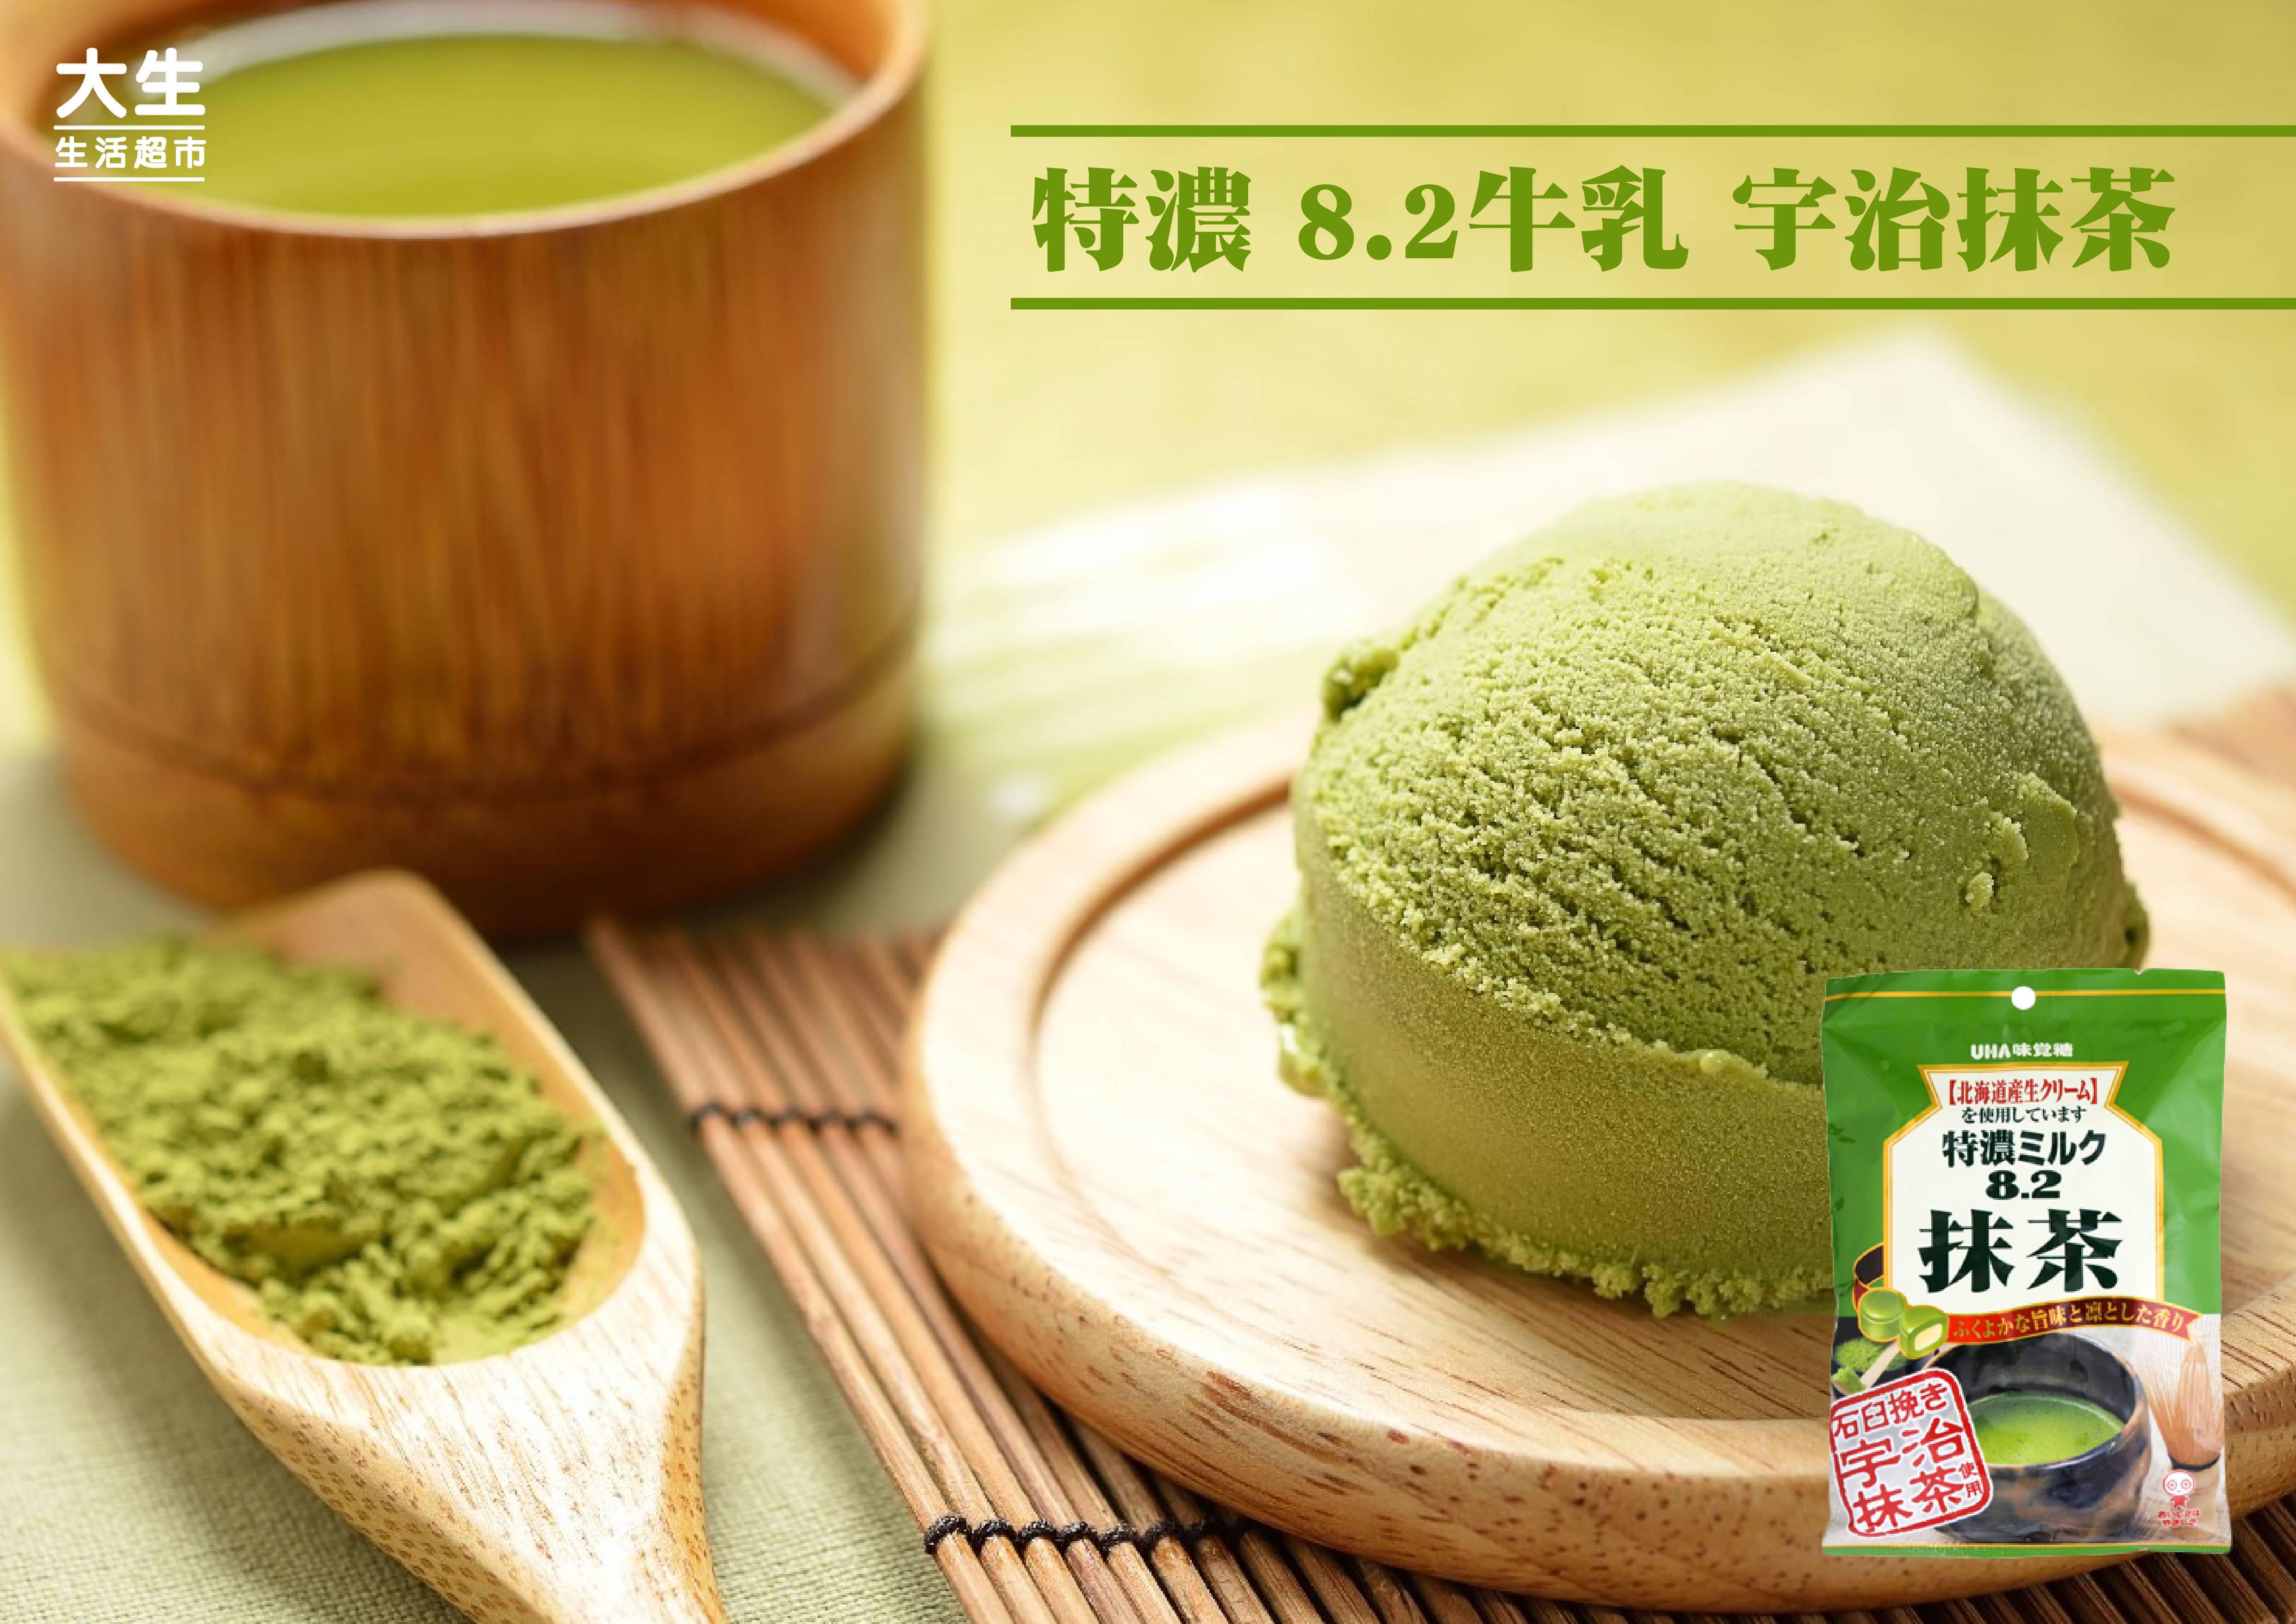 Зеленый чай матча – все секреты уникального напитка и рецепты его применения